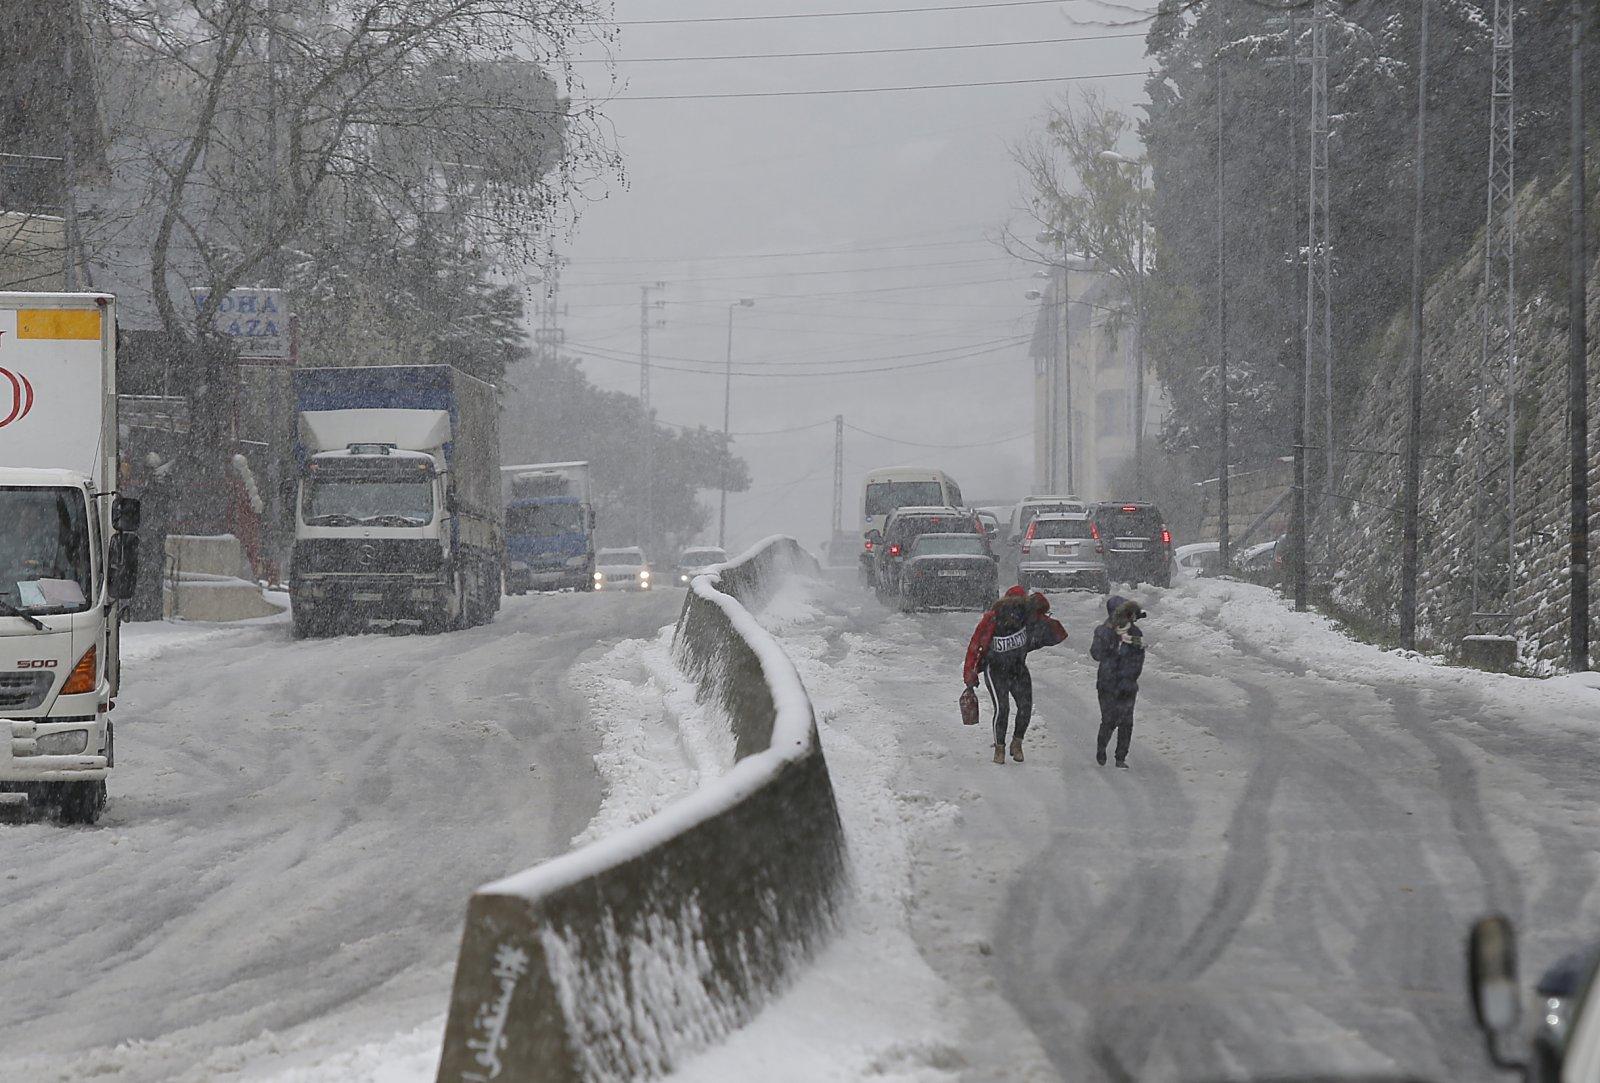 2月17日,暴風雪襲擊黎巴嫩部分地區,對當地交通造成較大影響。(新華社)